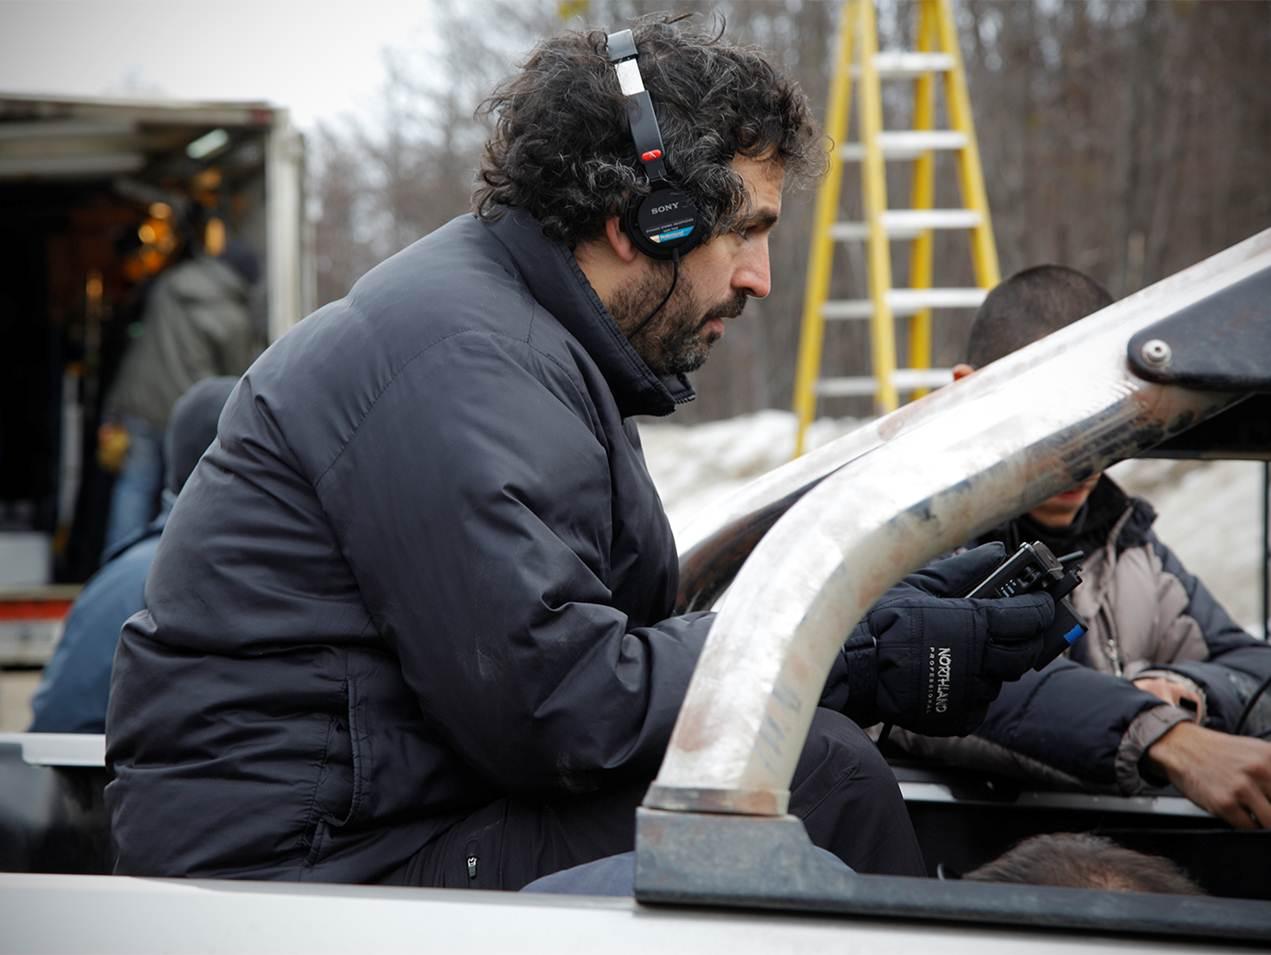 La ricostruzione: il regista Juan Taratuto sul set del film